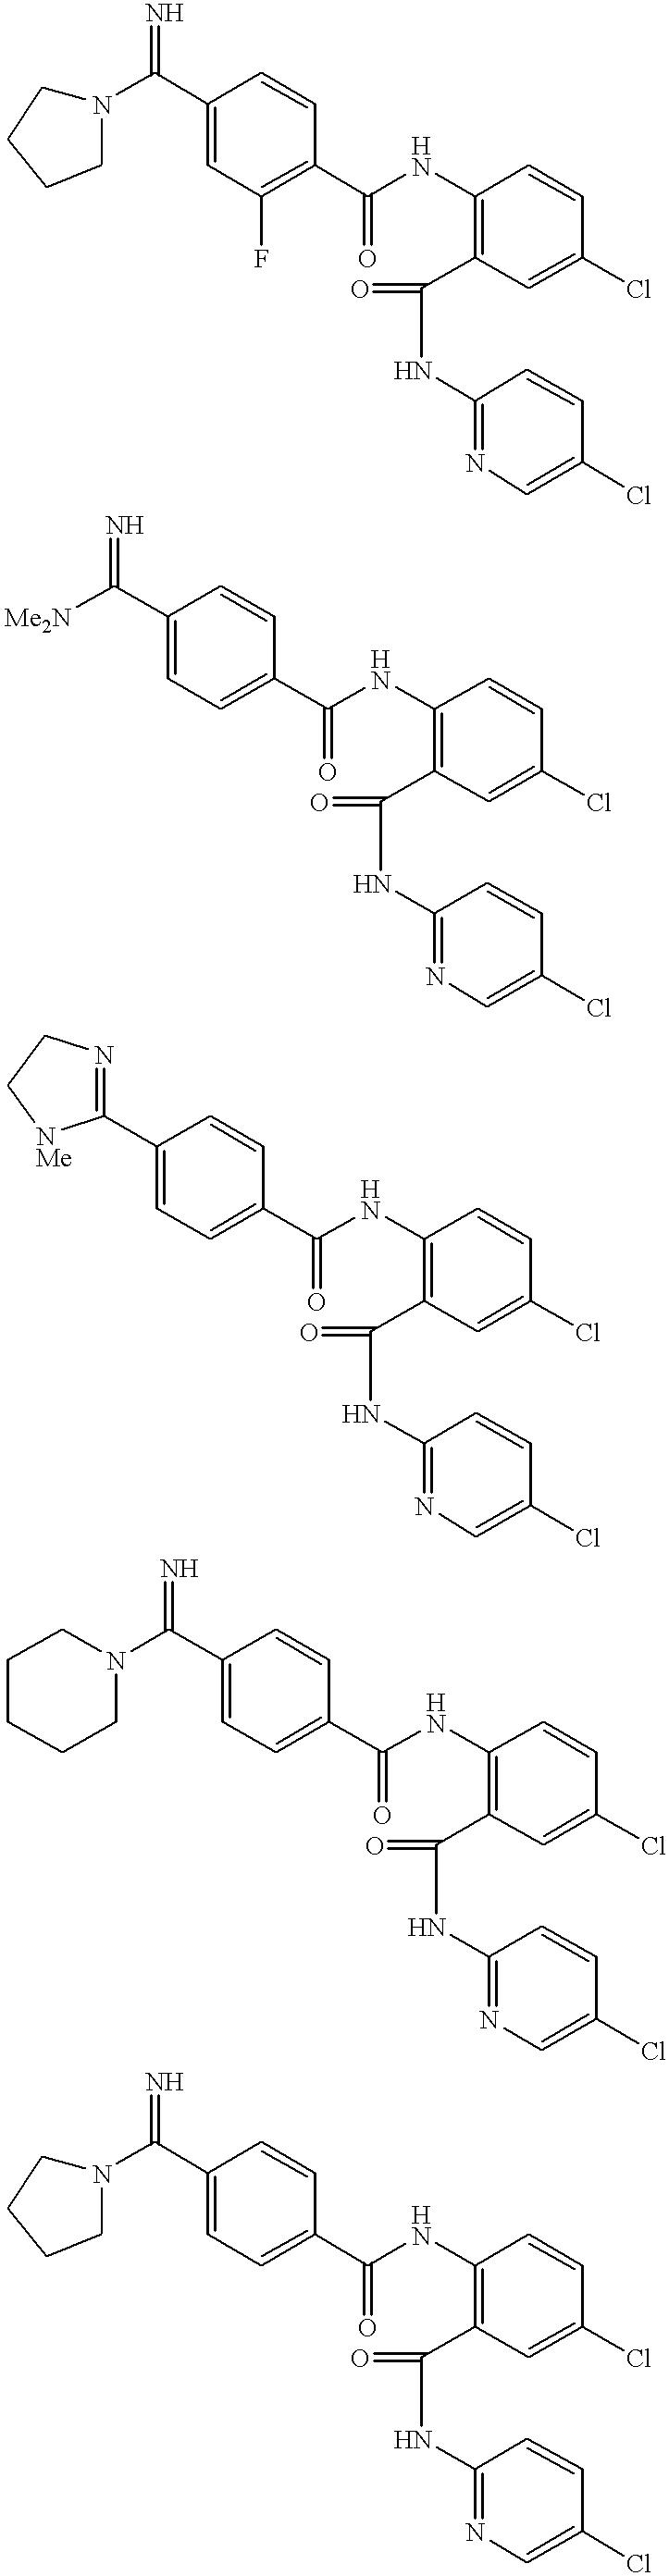 Figure US06376515-20020423-C00226